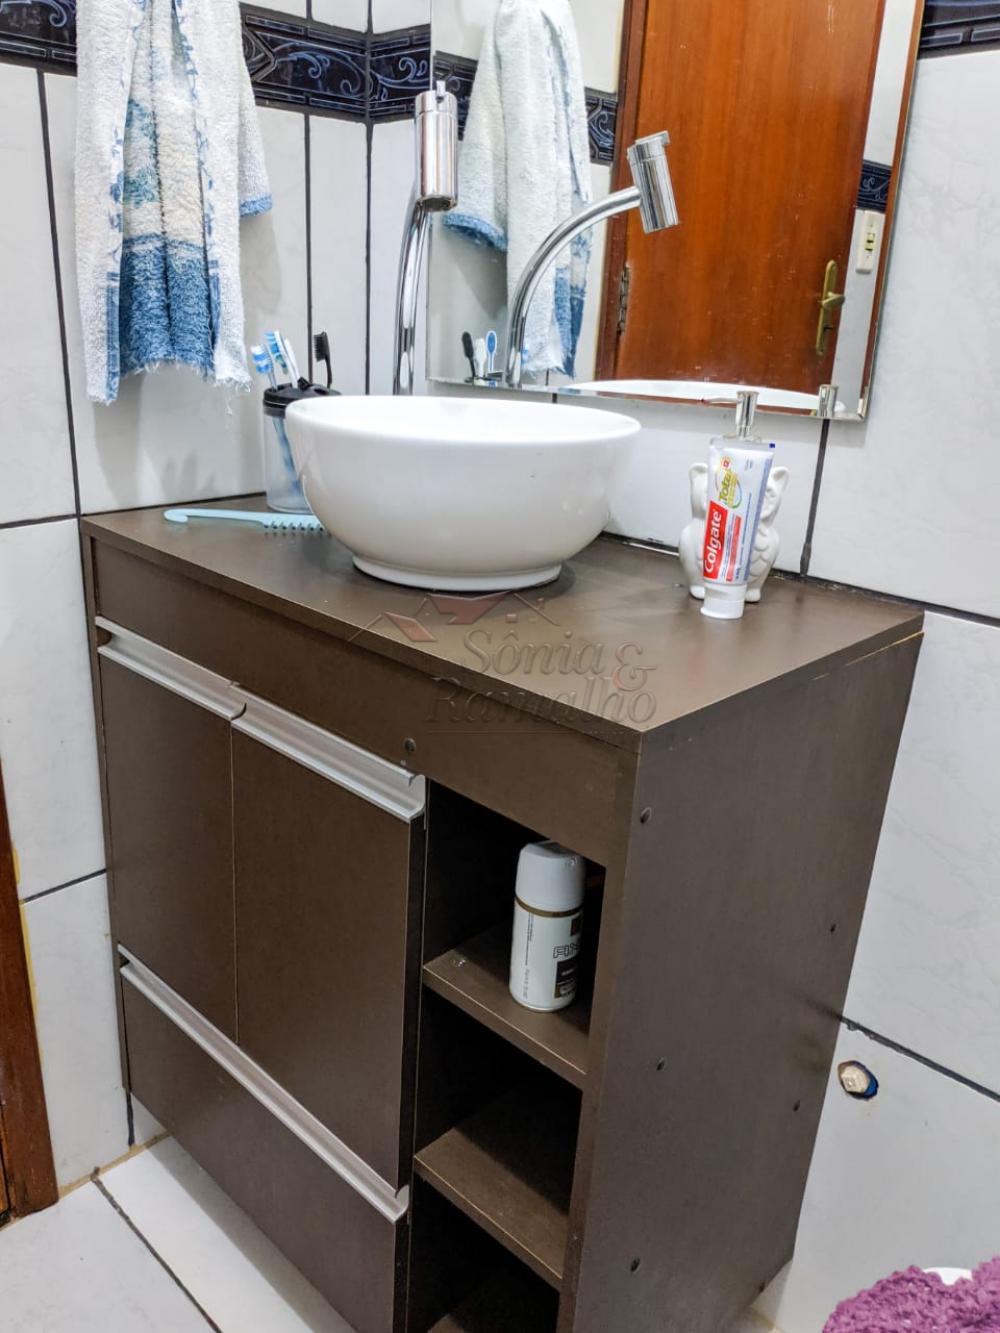 Comprar Casas / Padrão em Ribeirão Preto apenas R$ 265.000,00 - Foto 8